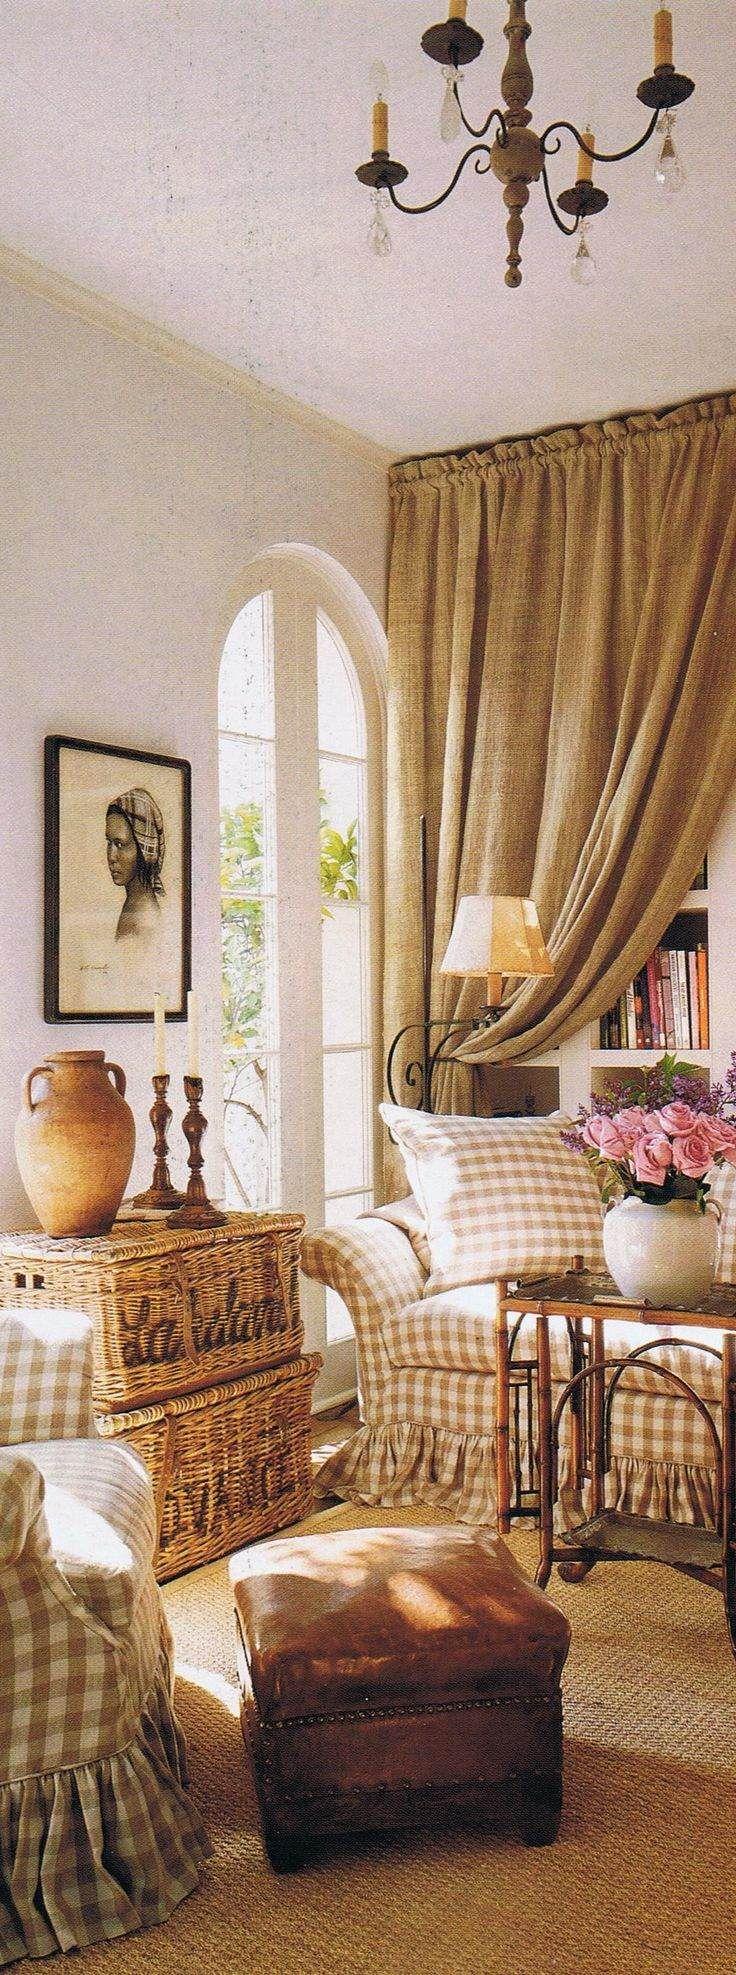 Le più belle foto con tessuti a quadretti in stile Country e Shabby Chic | Arredamento Provenzale